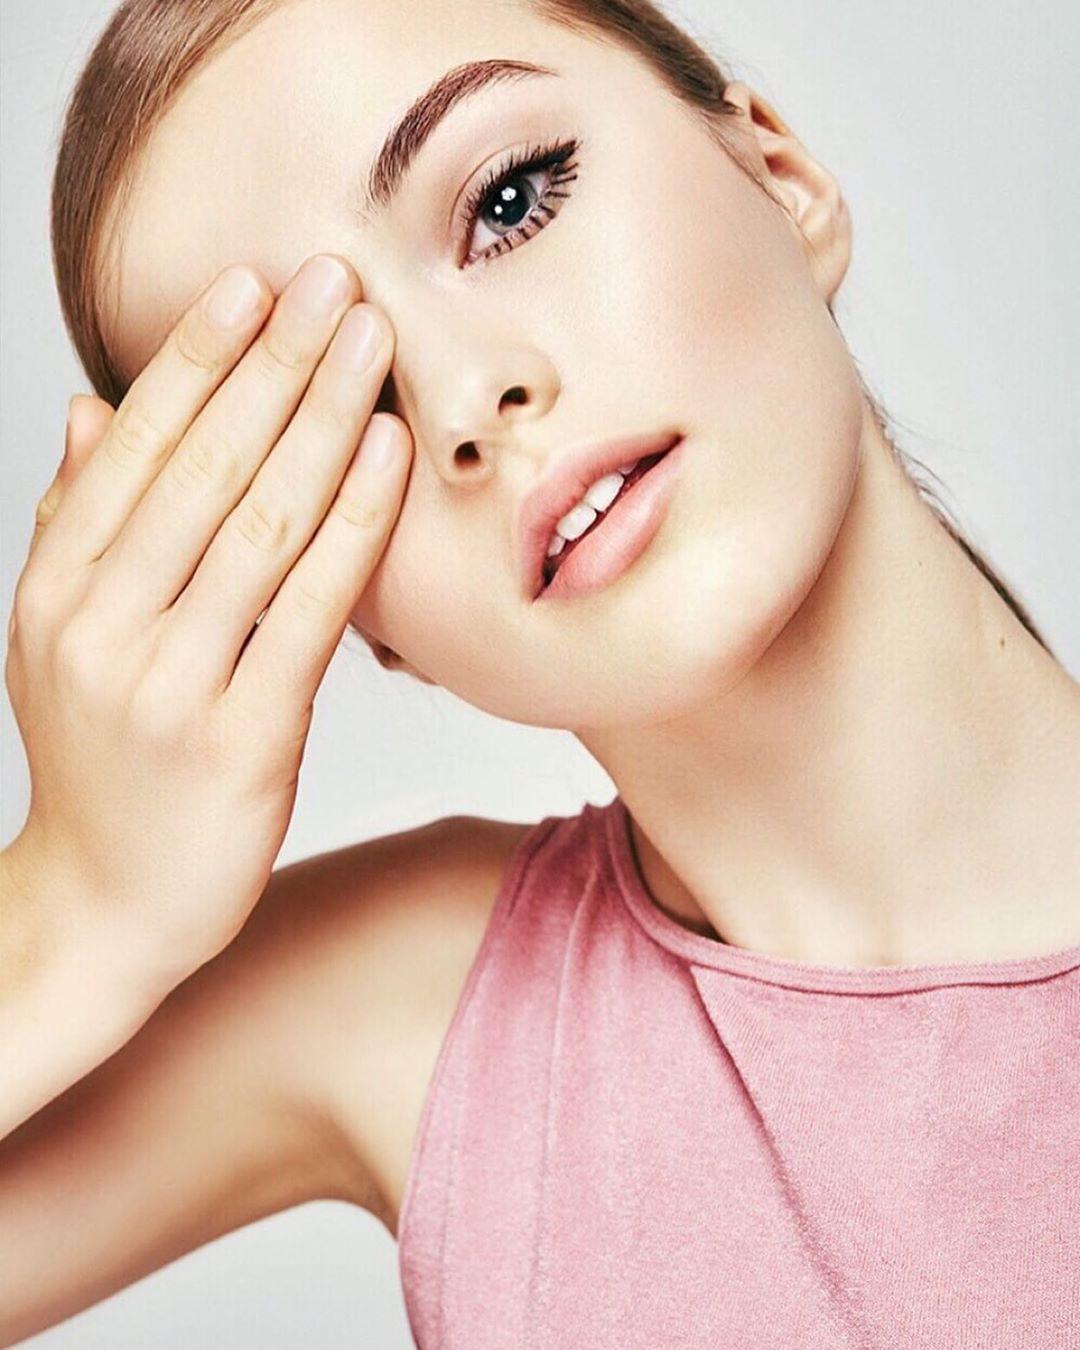 Kristina Pimenova Beautiful Girl Cute Face, Beautiful Lips, Haircuts